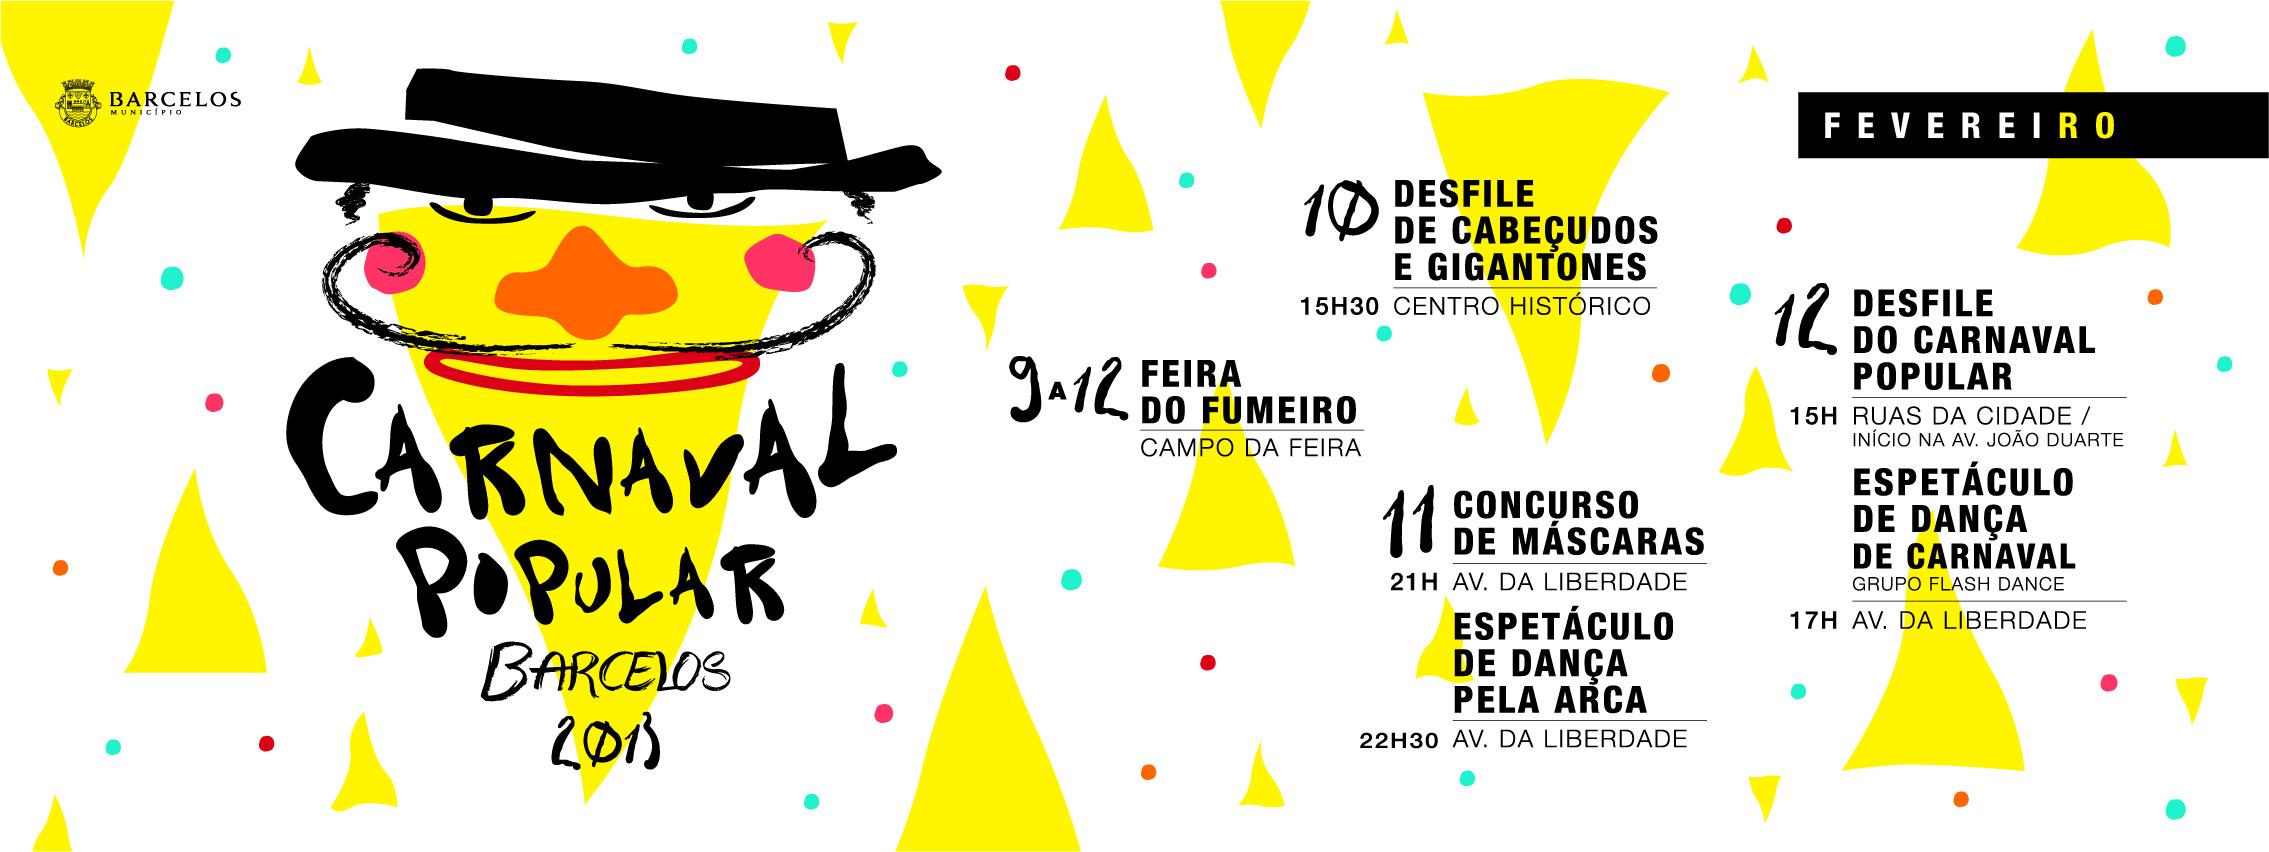 Carnaval Popular Barcelos 2013 e Feira do Fumeiro entre 9 a 12 de fevereiro